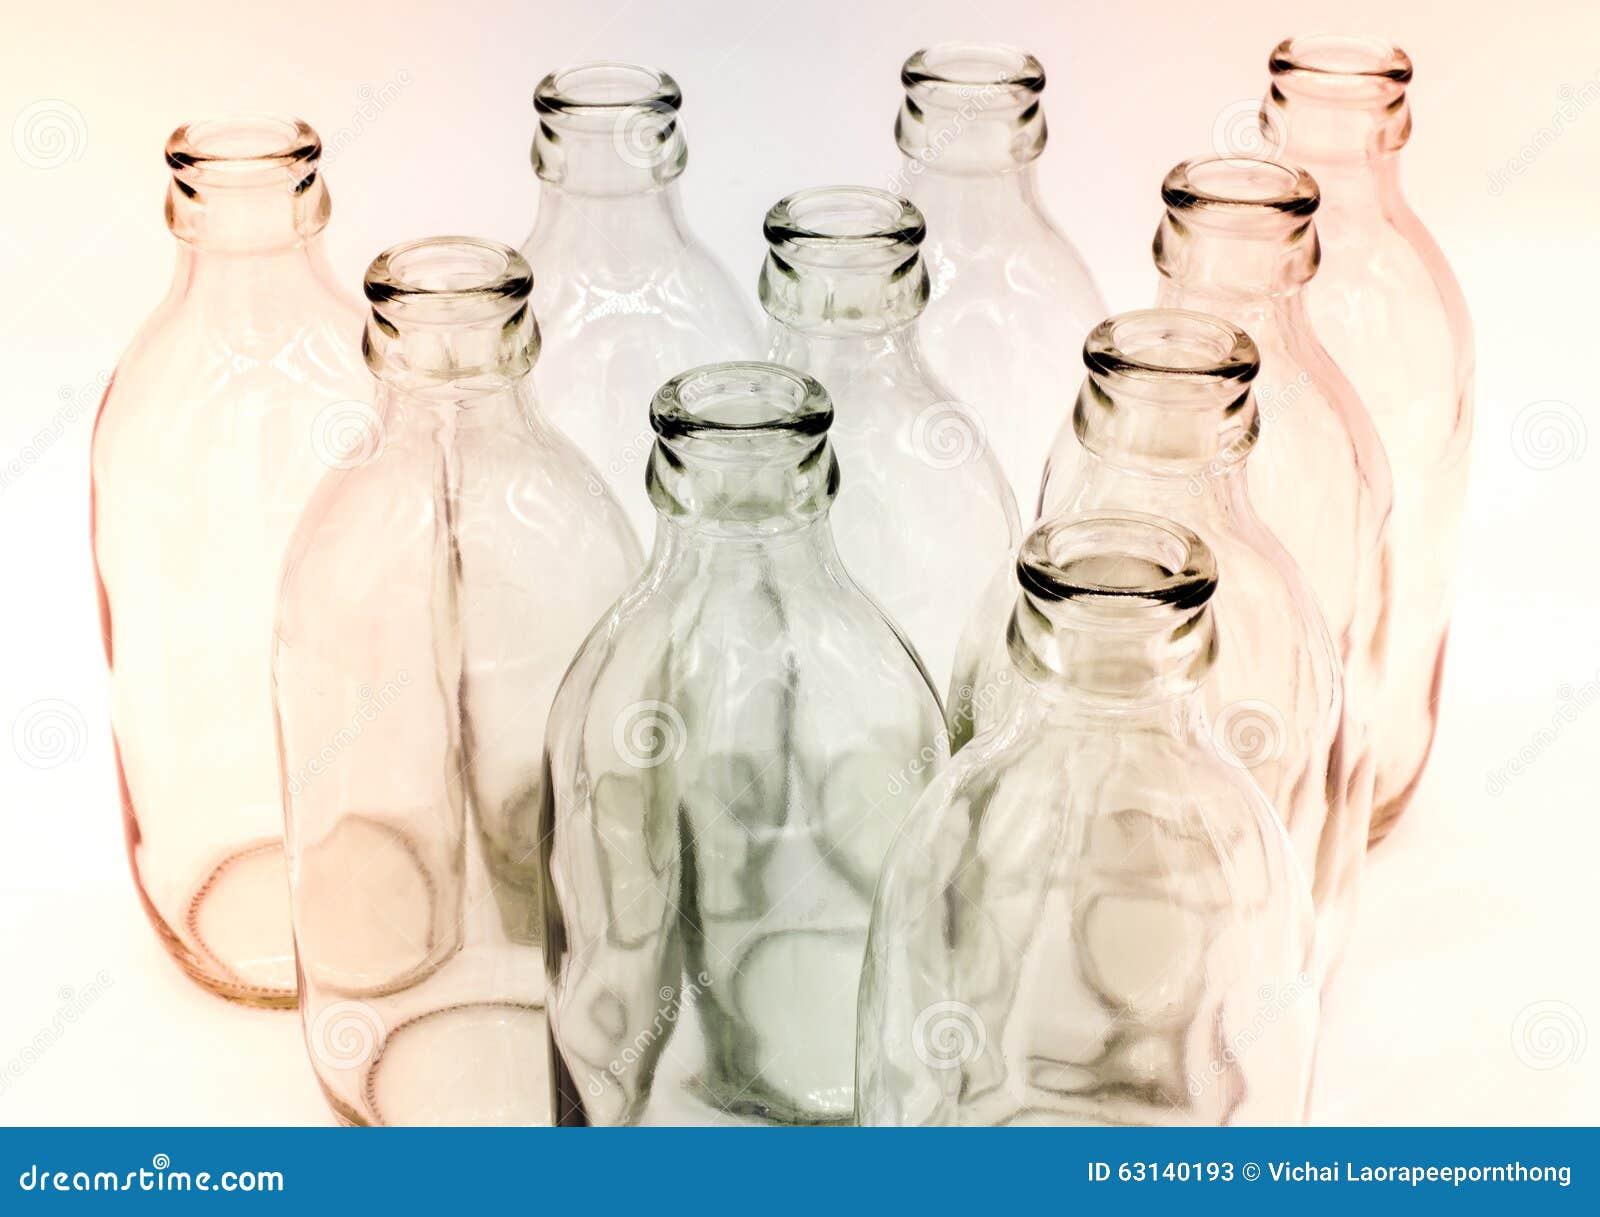 Detalle de las botellas de cristal en el fondo blanco